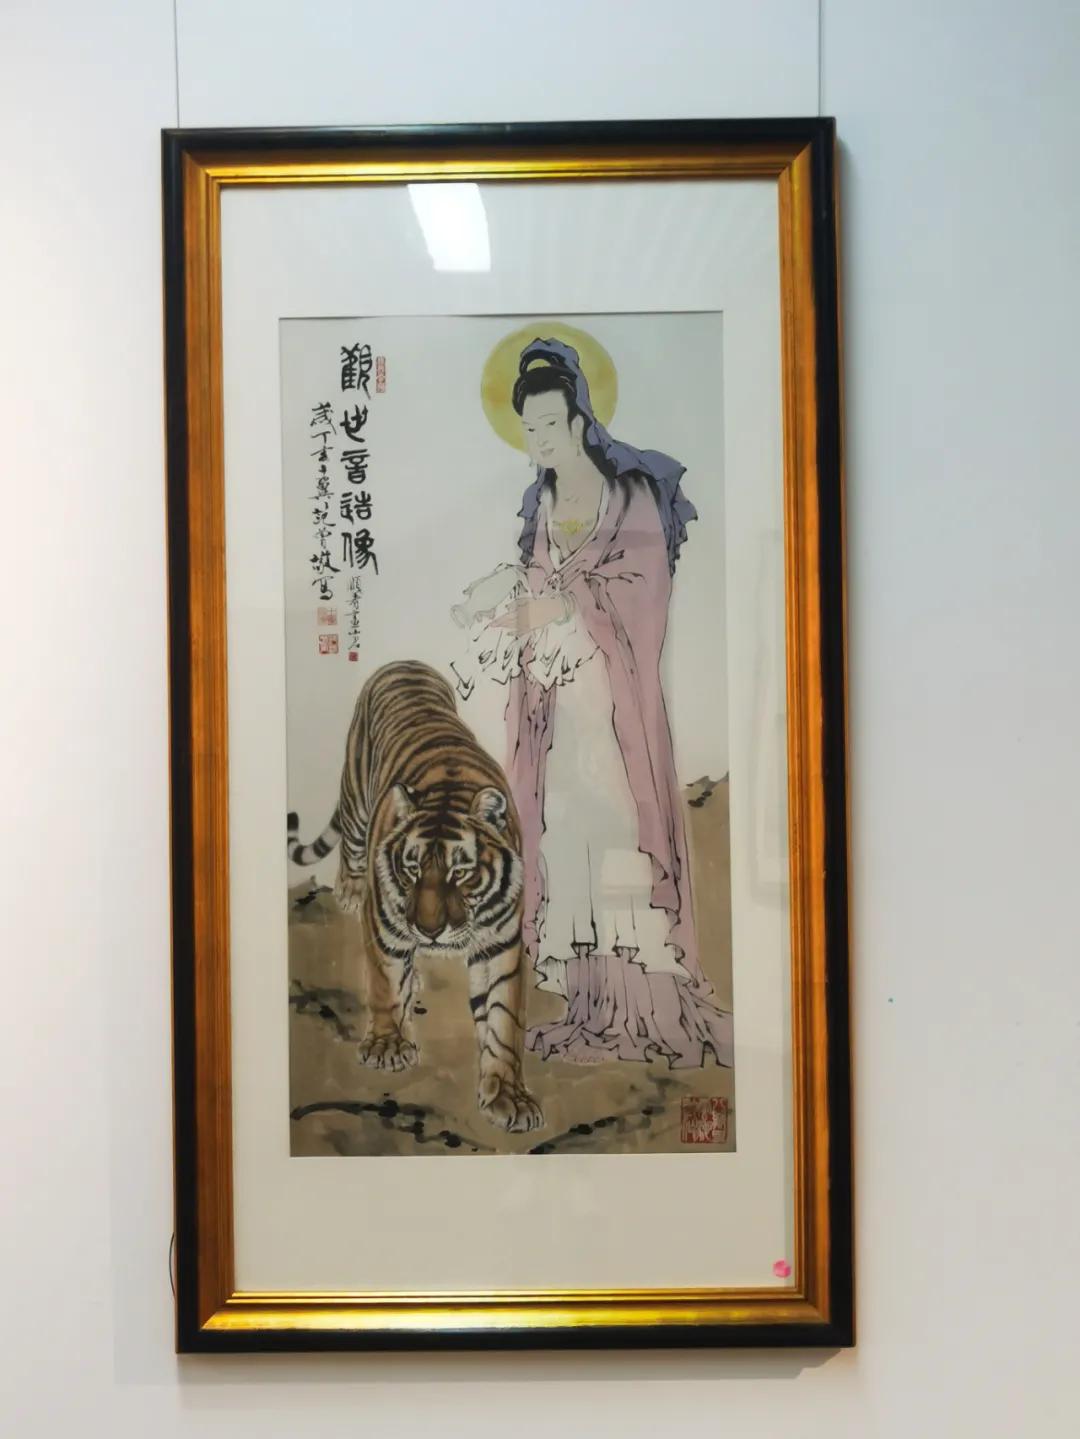 商会动态 走进M3艺术馆 拜访商会艺术顾问孟祥顺老师